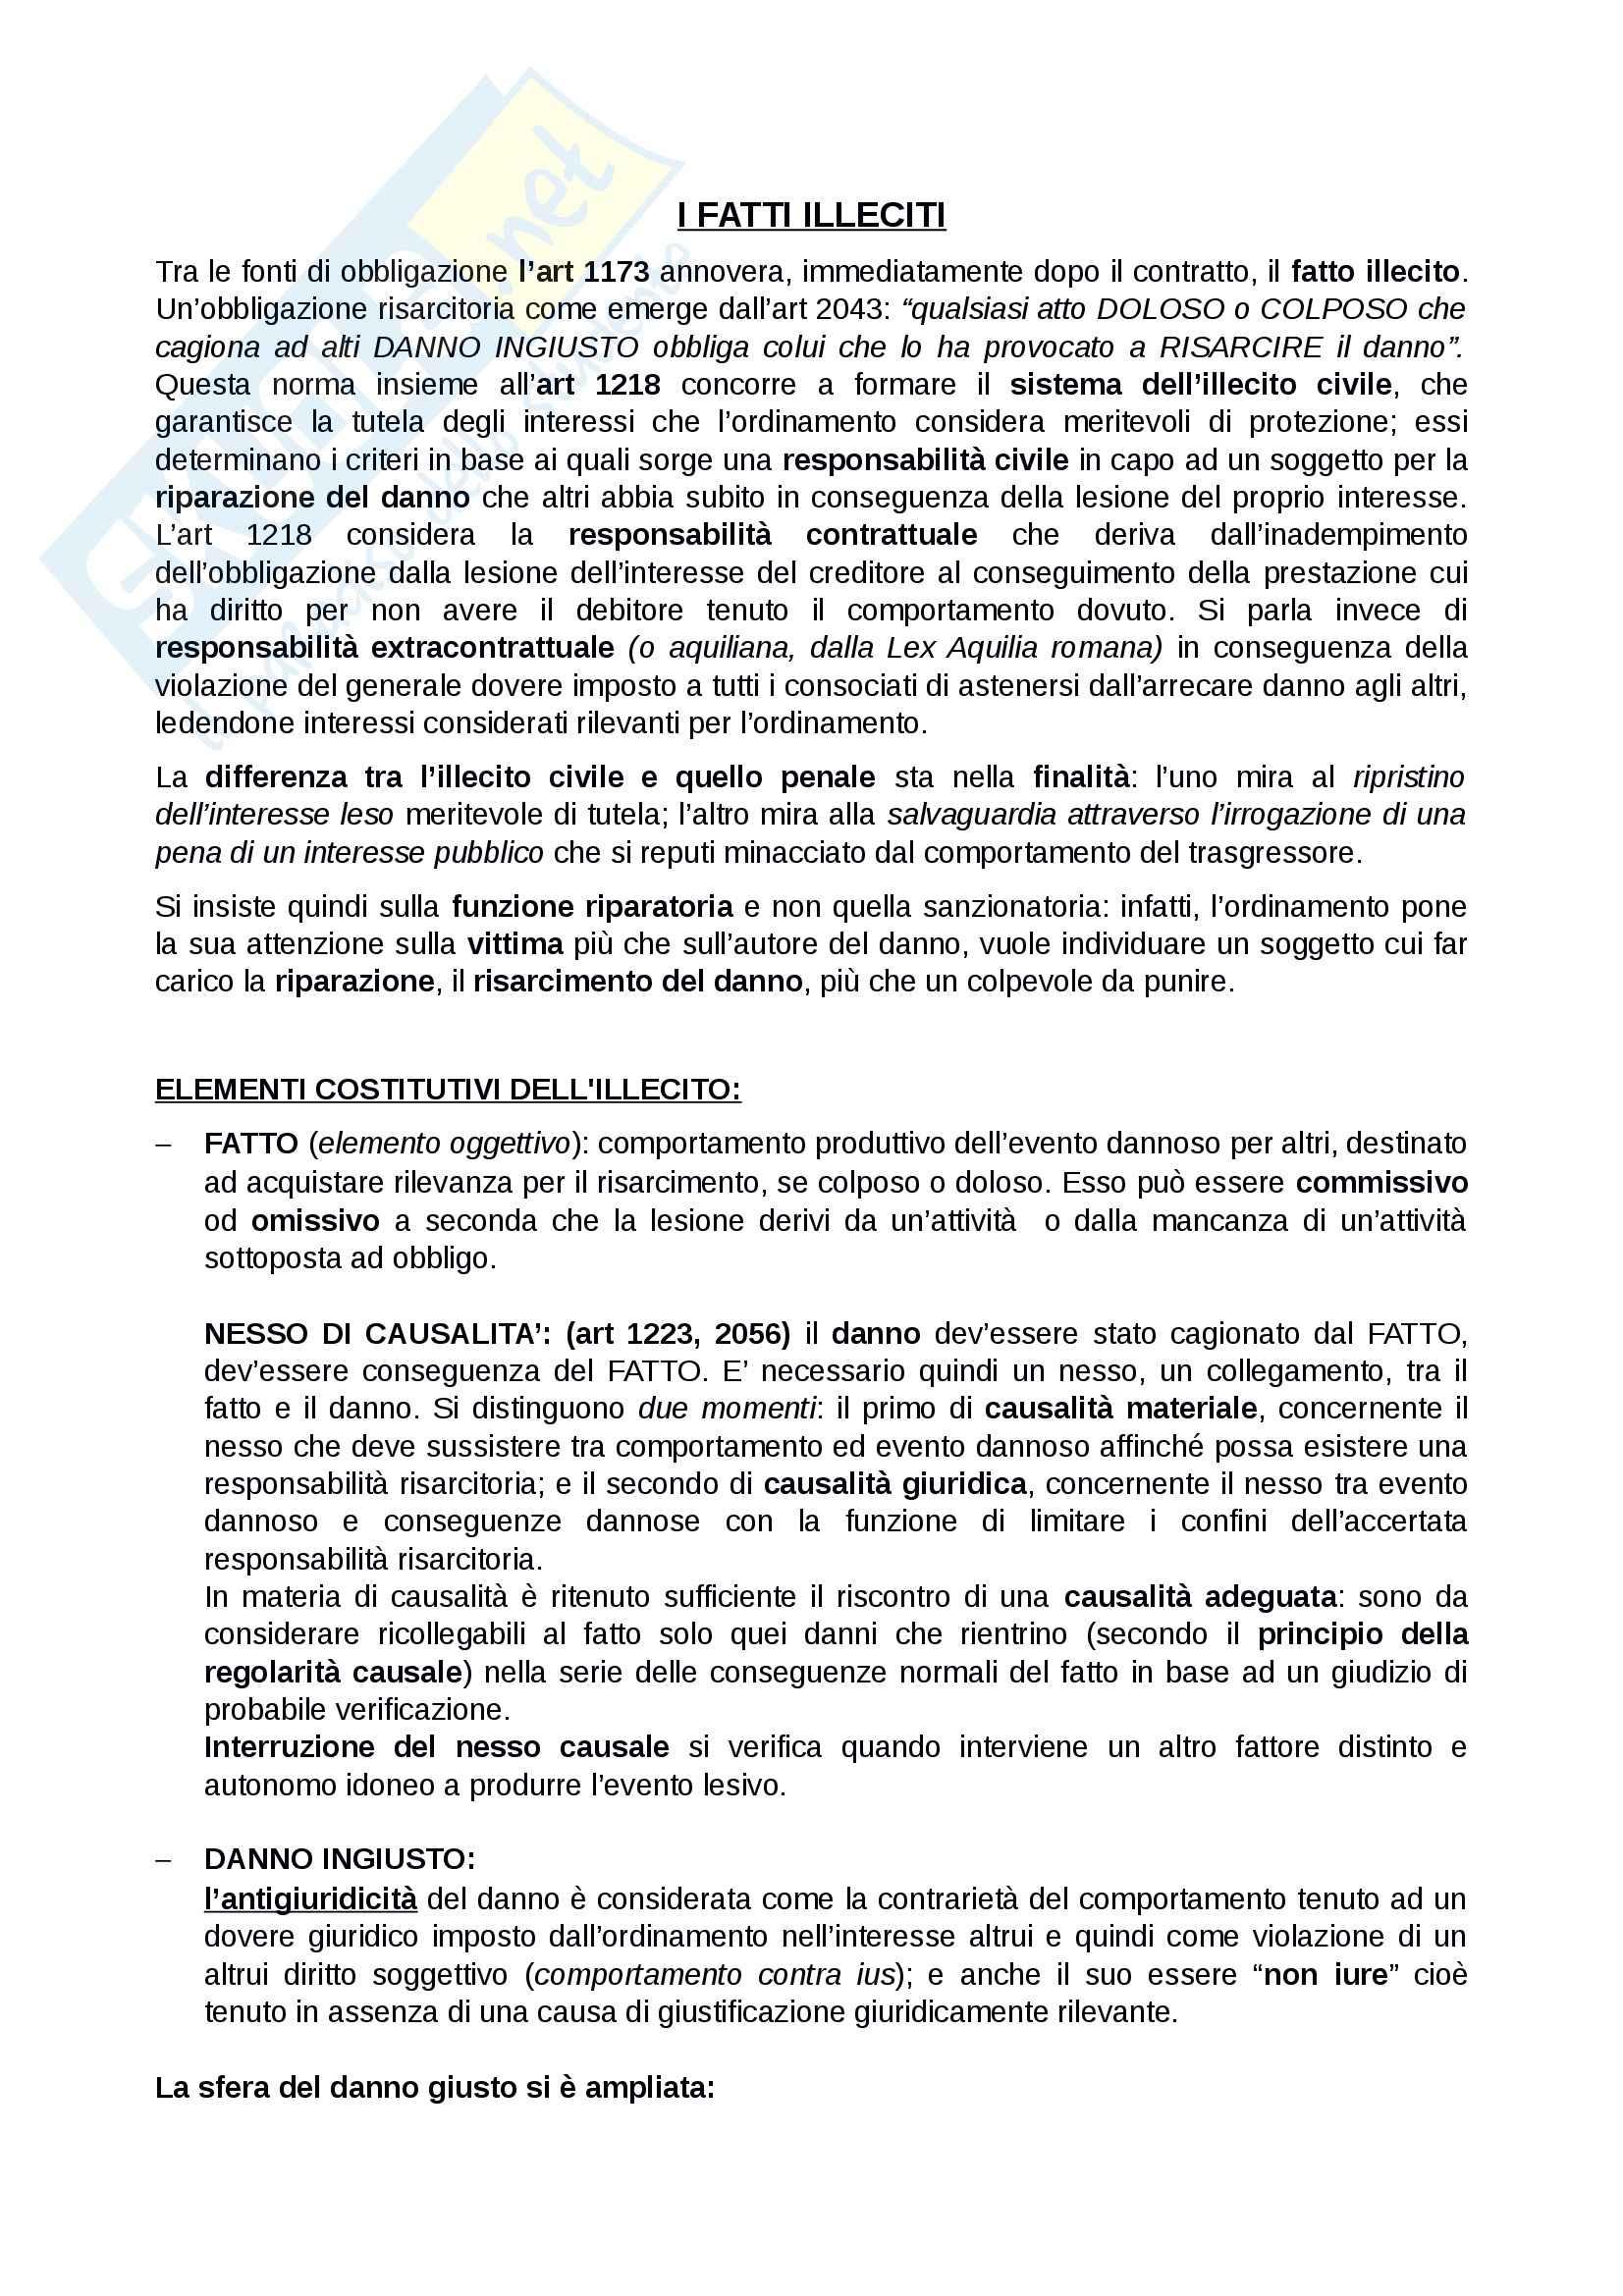 Riassunto esame Diritto privato, prof. Rossi, libro consigliato Fatto illecito, Bocchini-Quadri, Trabucchi